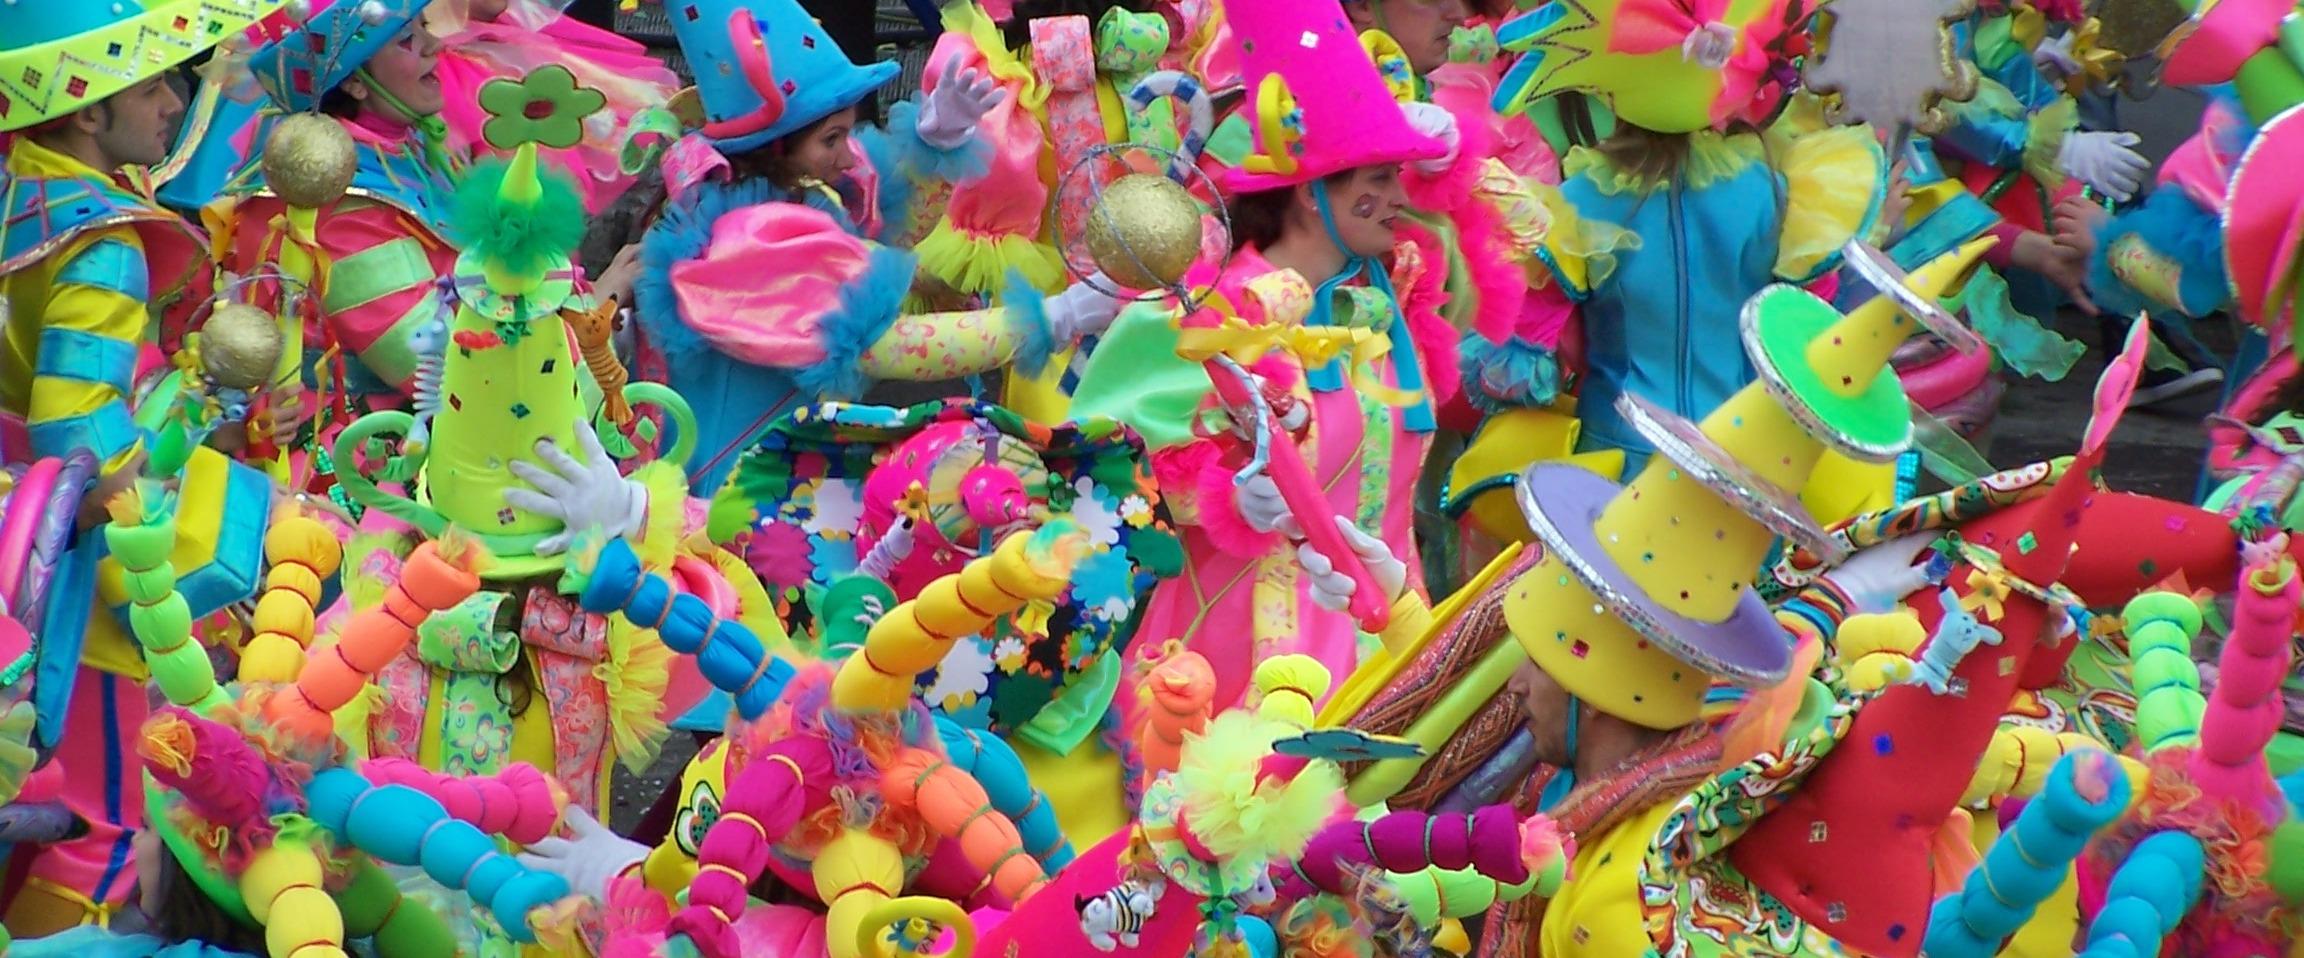 Eventi caratteristici del Carnevale di Siena 2015